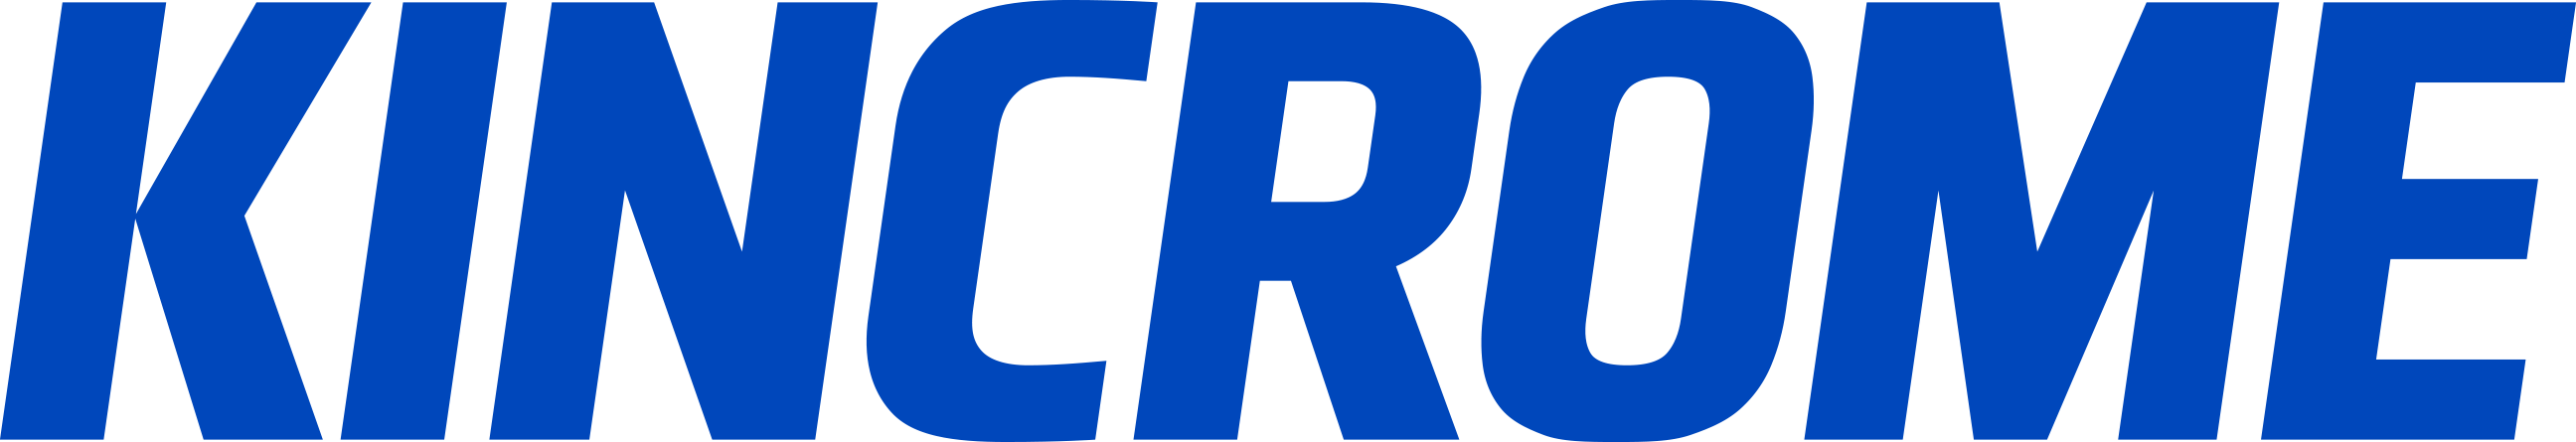 coloured logo